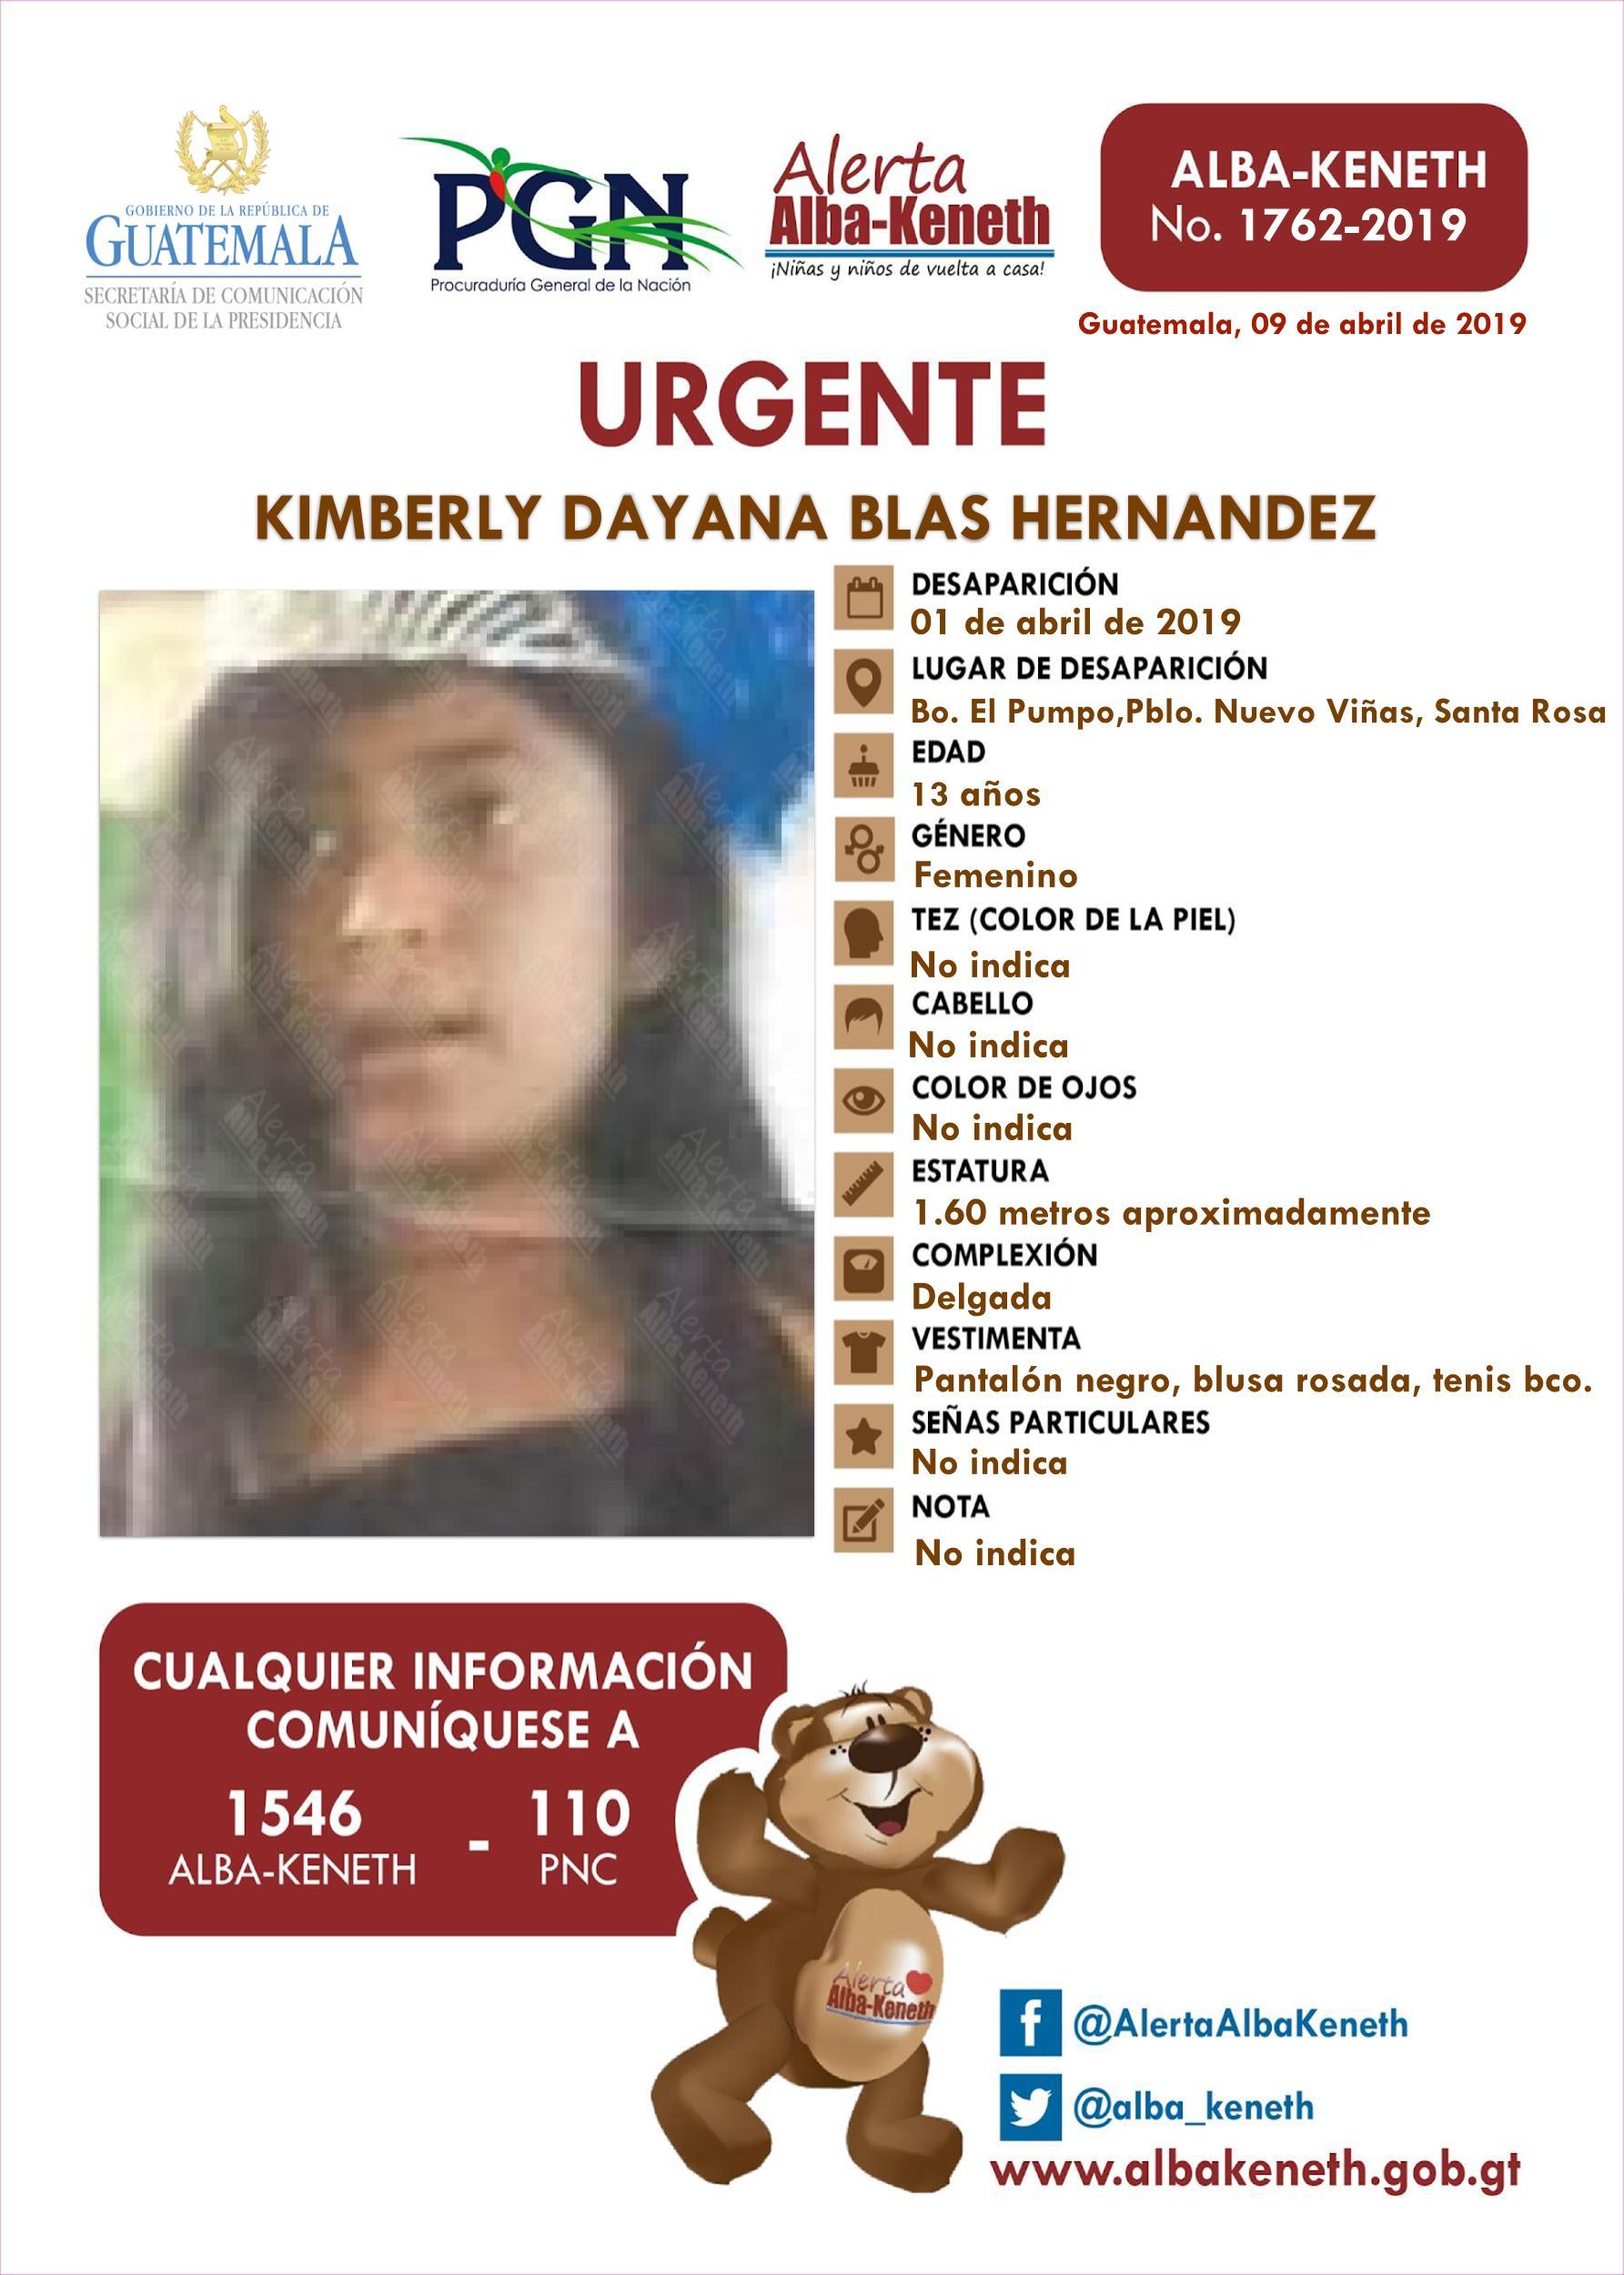 Kimberly Dayana Blas Hernandez